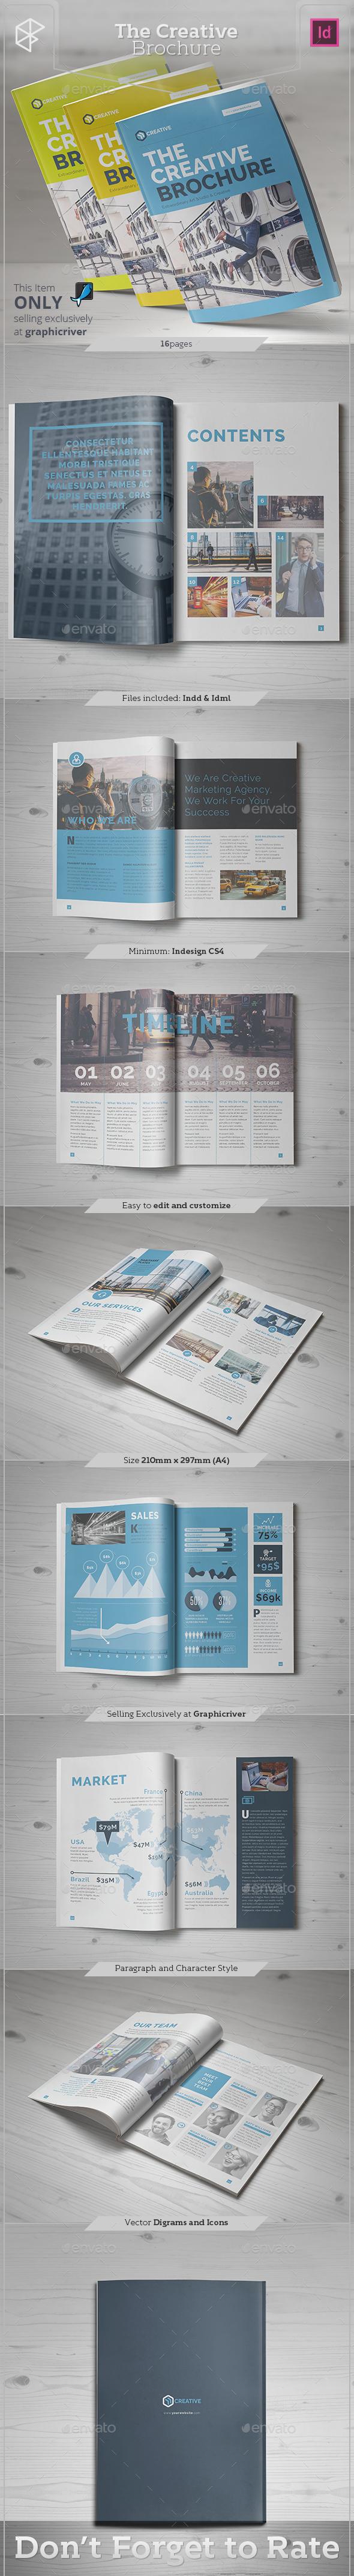 The Creative Brochure - Informational Brochures